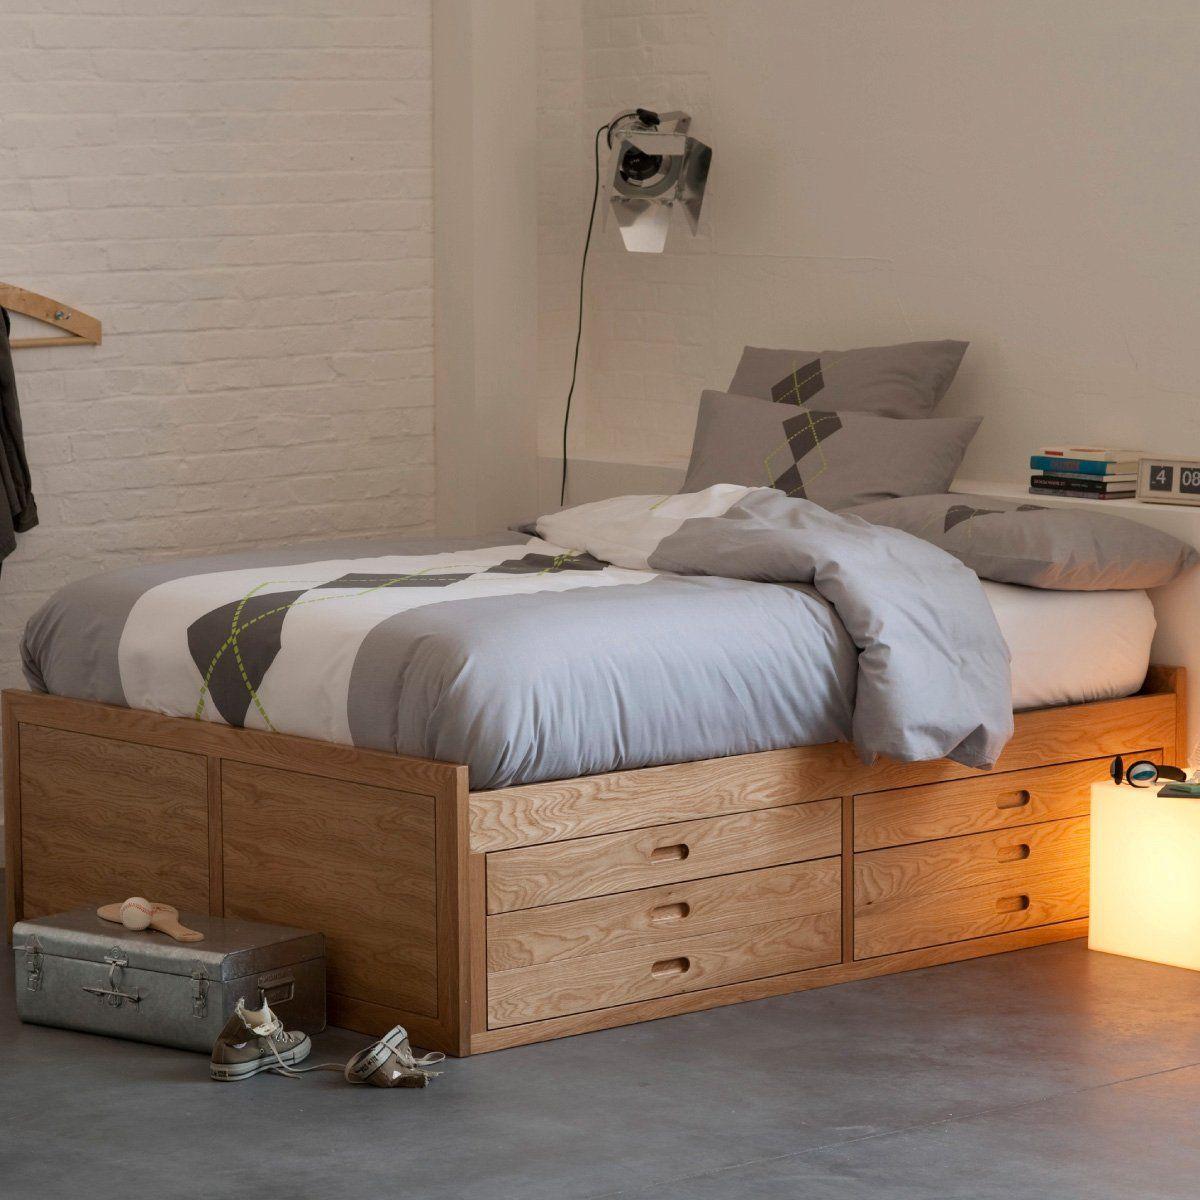 lit plateforme ch ne octavo. Black Bedroom Furniture Sets. Home Design Ideas